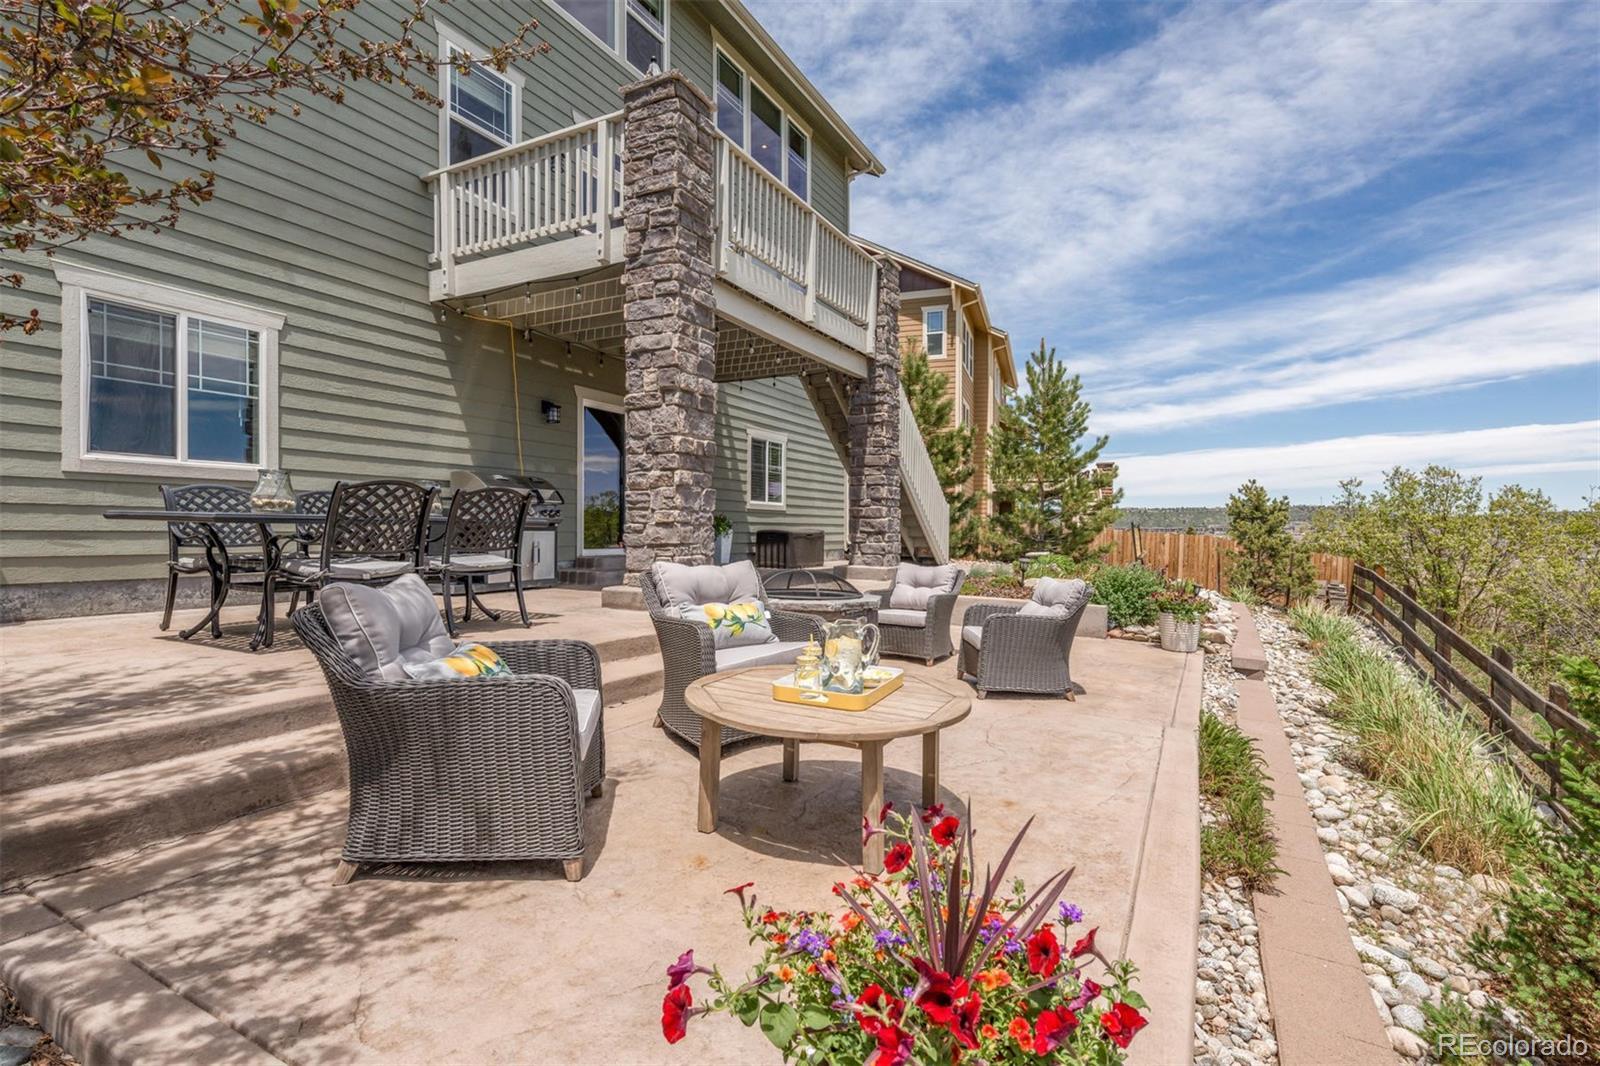 MLS# 6520057 - 33 - 1556 Bent Wedge Point , Castle Rock, CO 80109